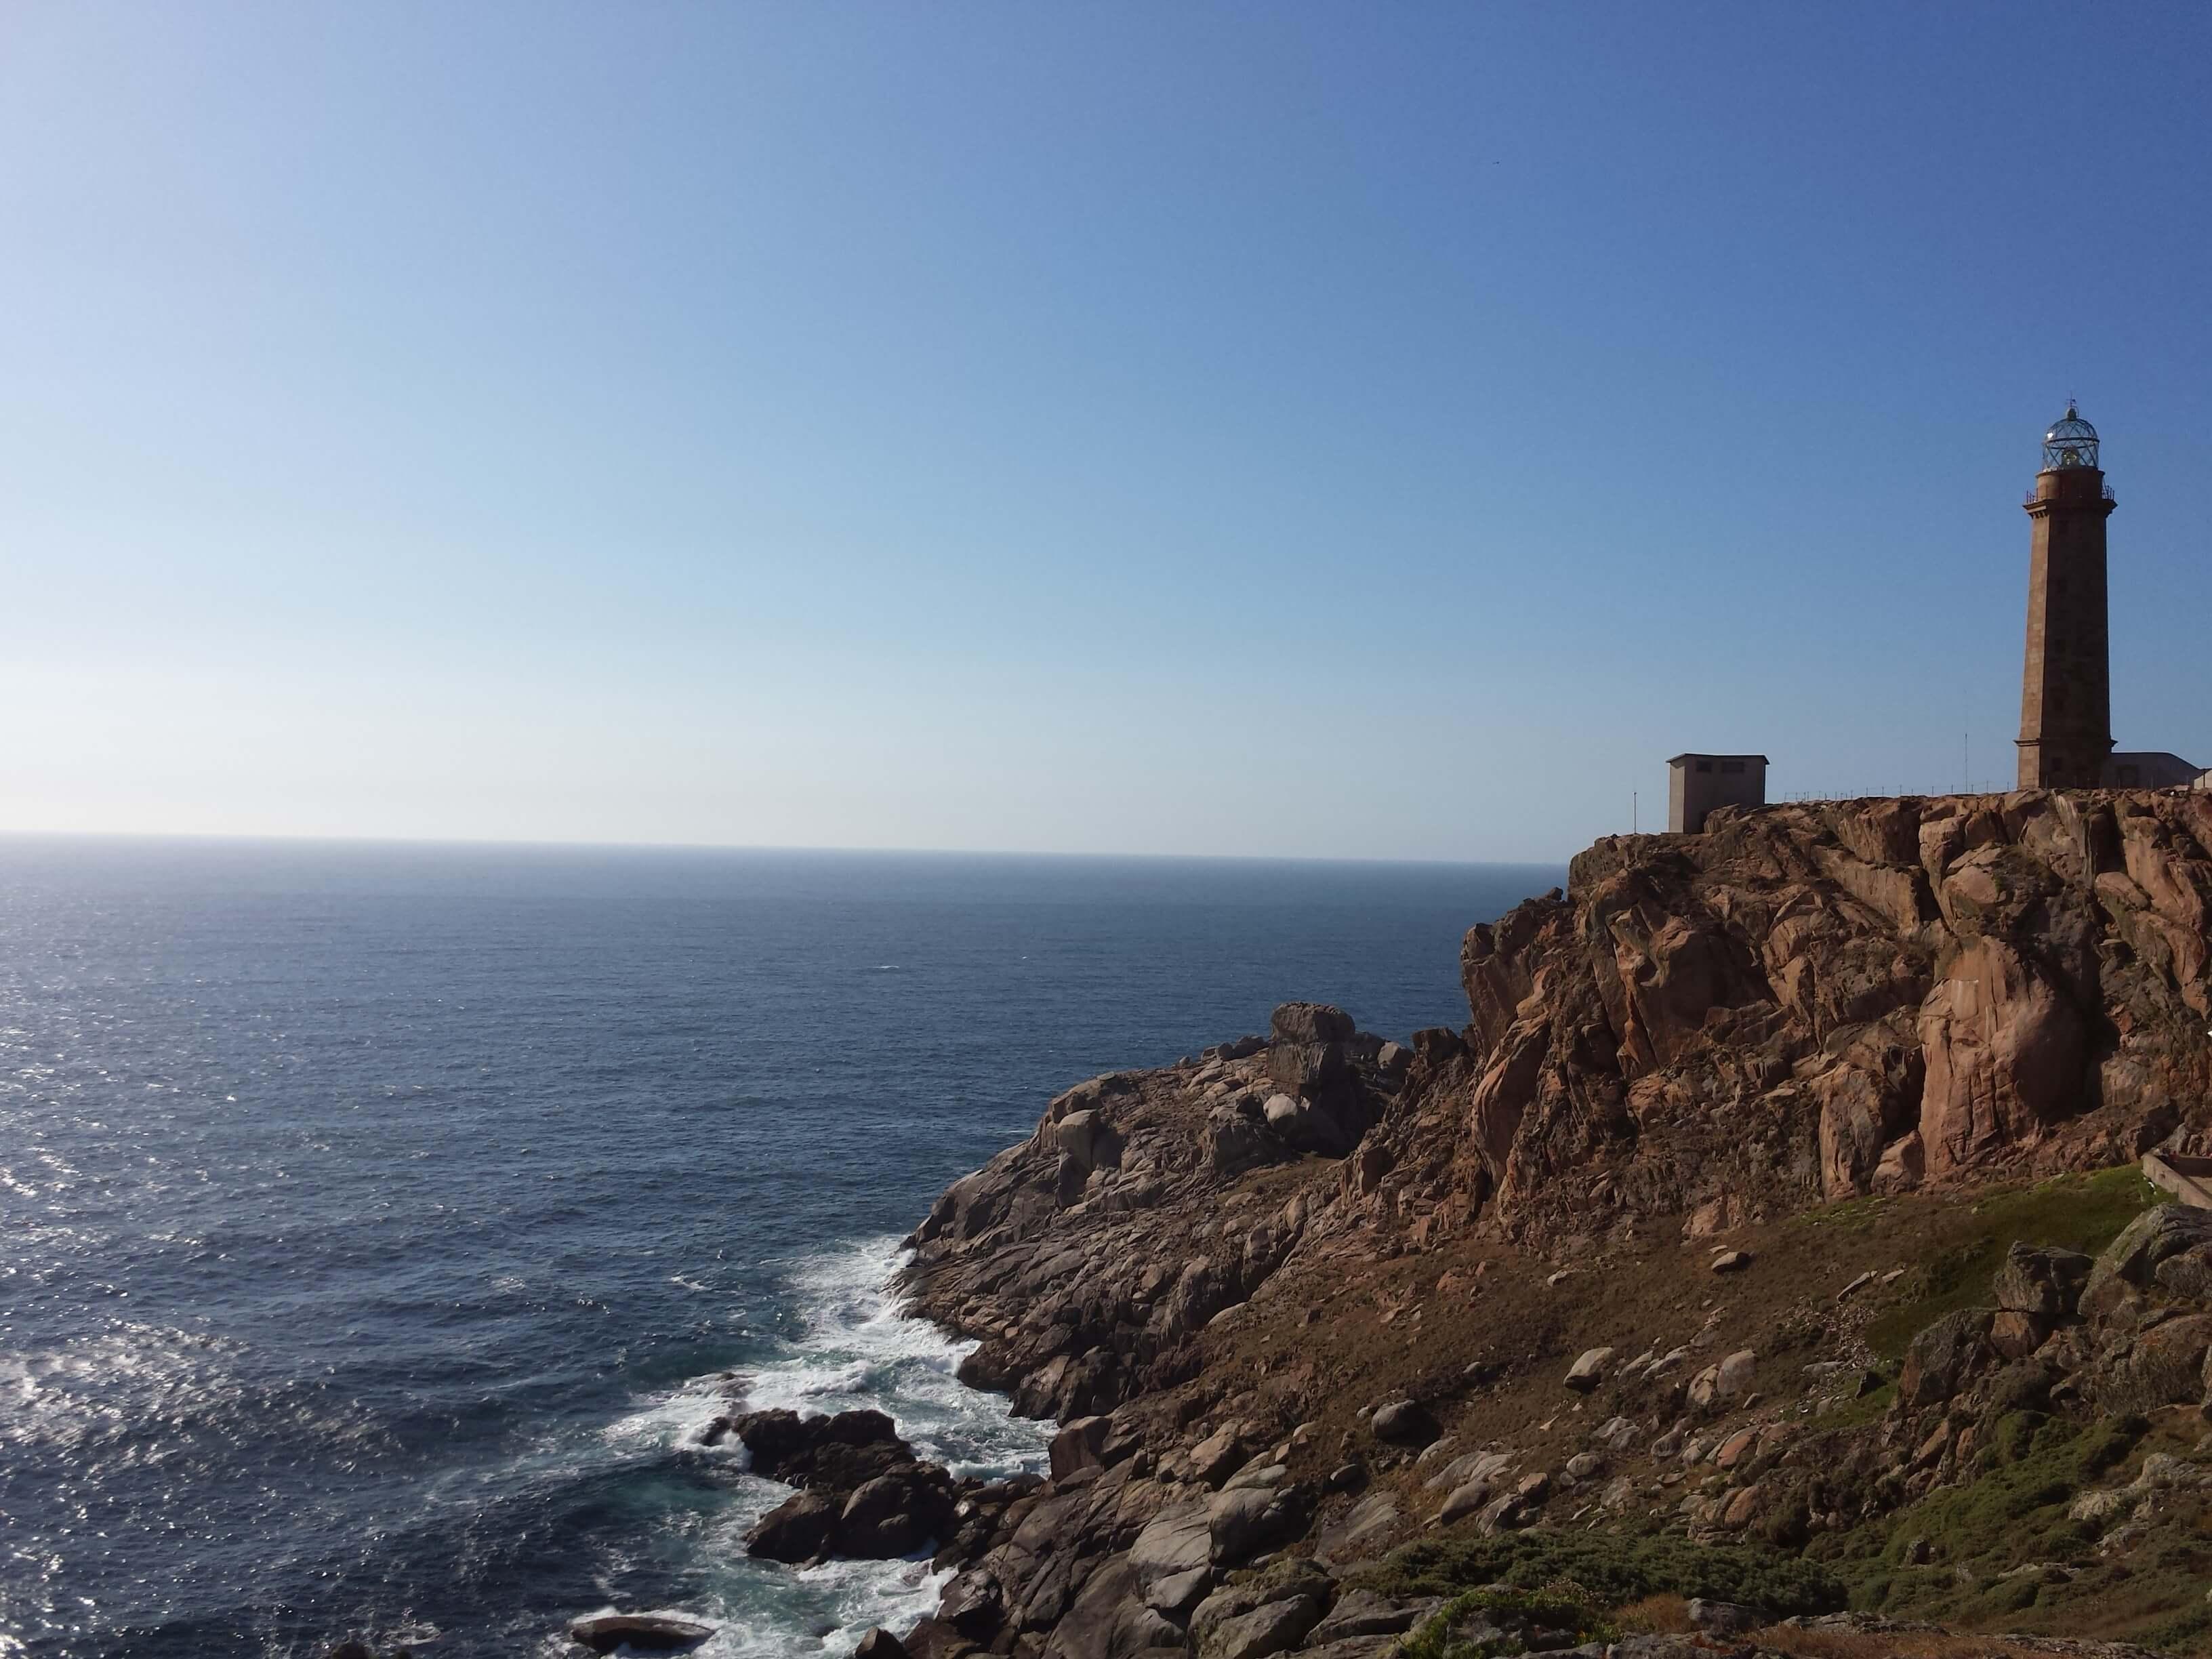 Turismo de Galicia e Costa de Morte Asociación de Turismo asinan un acordo de colaboración para impulsar os recursos turíticos desta zona